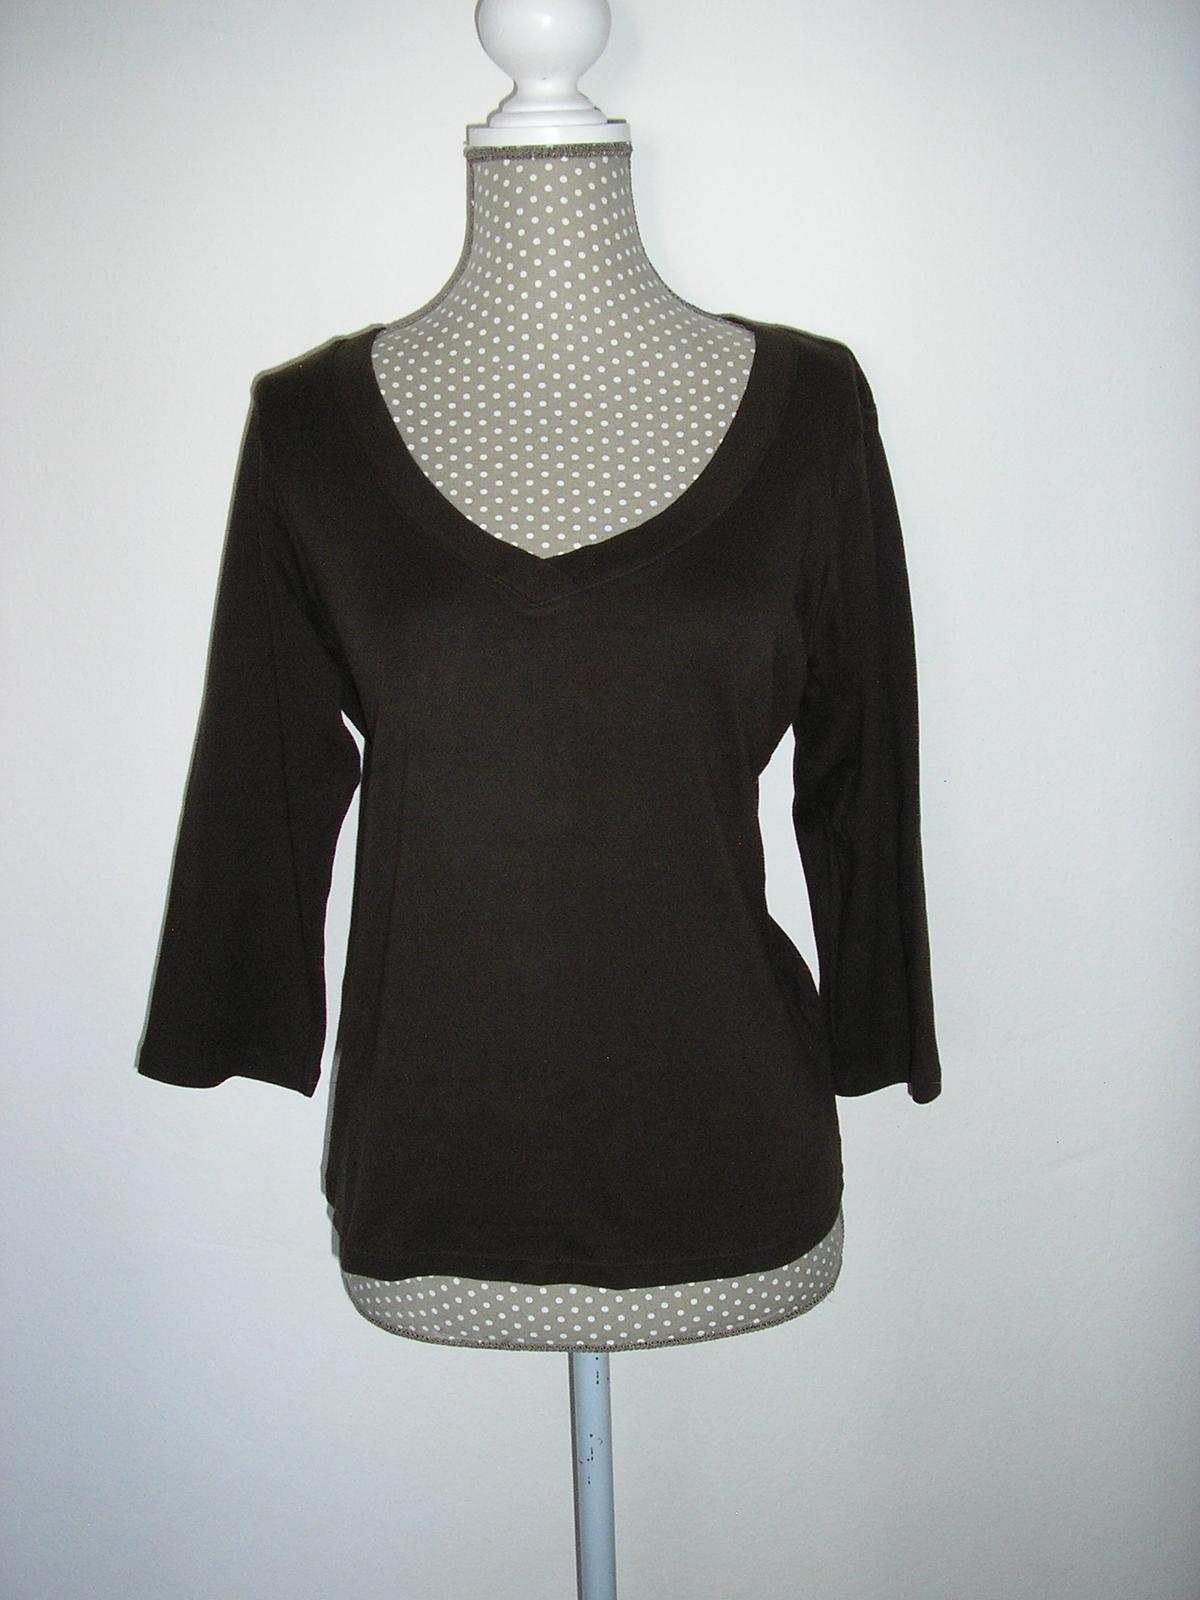 1441. Elegantné tričko - Obrázok č. 1